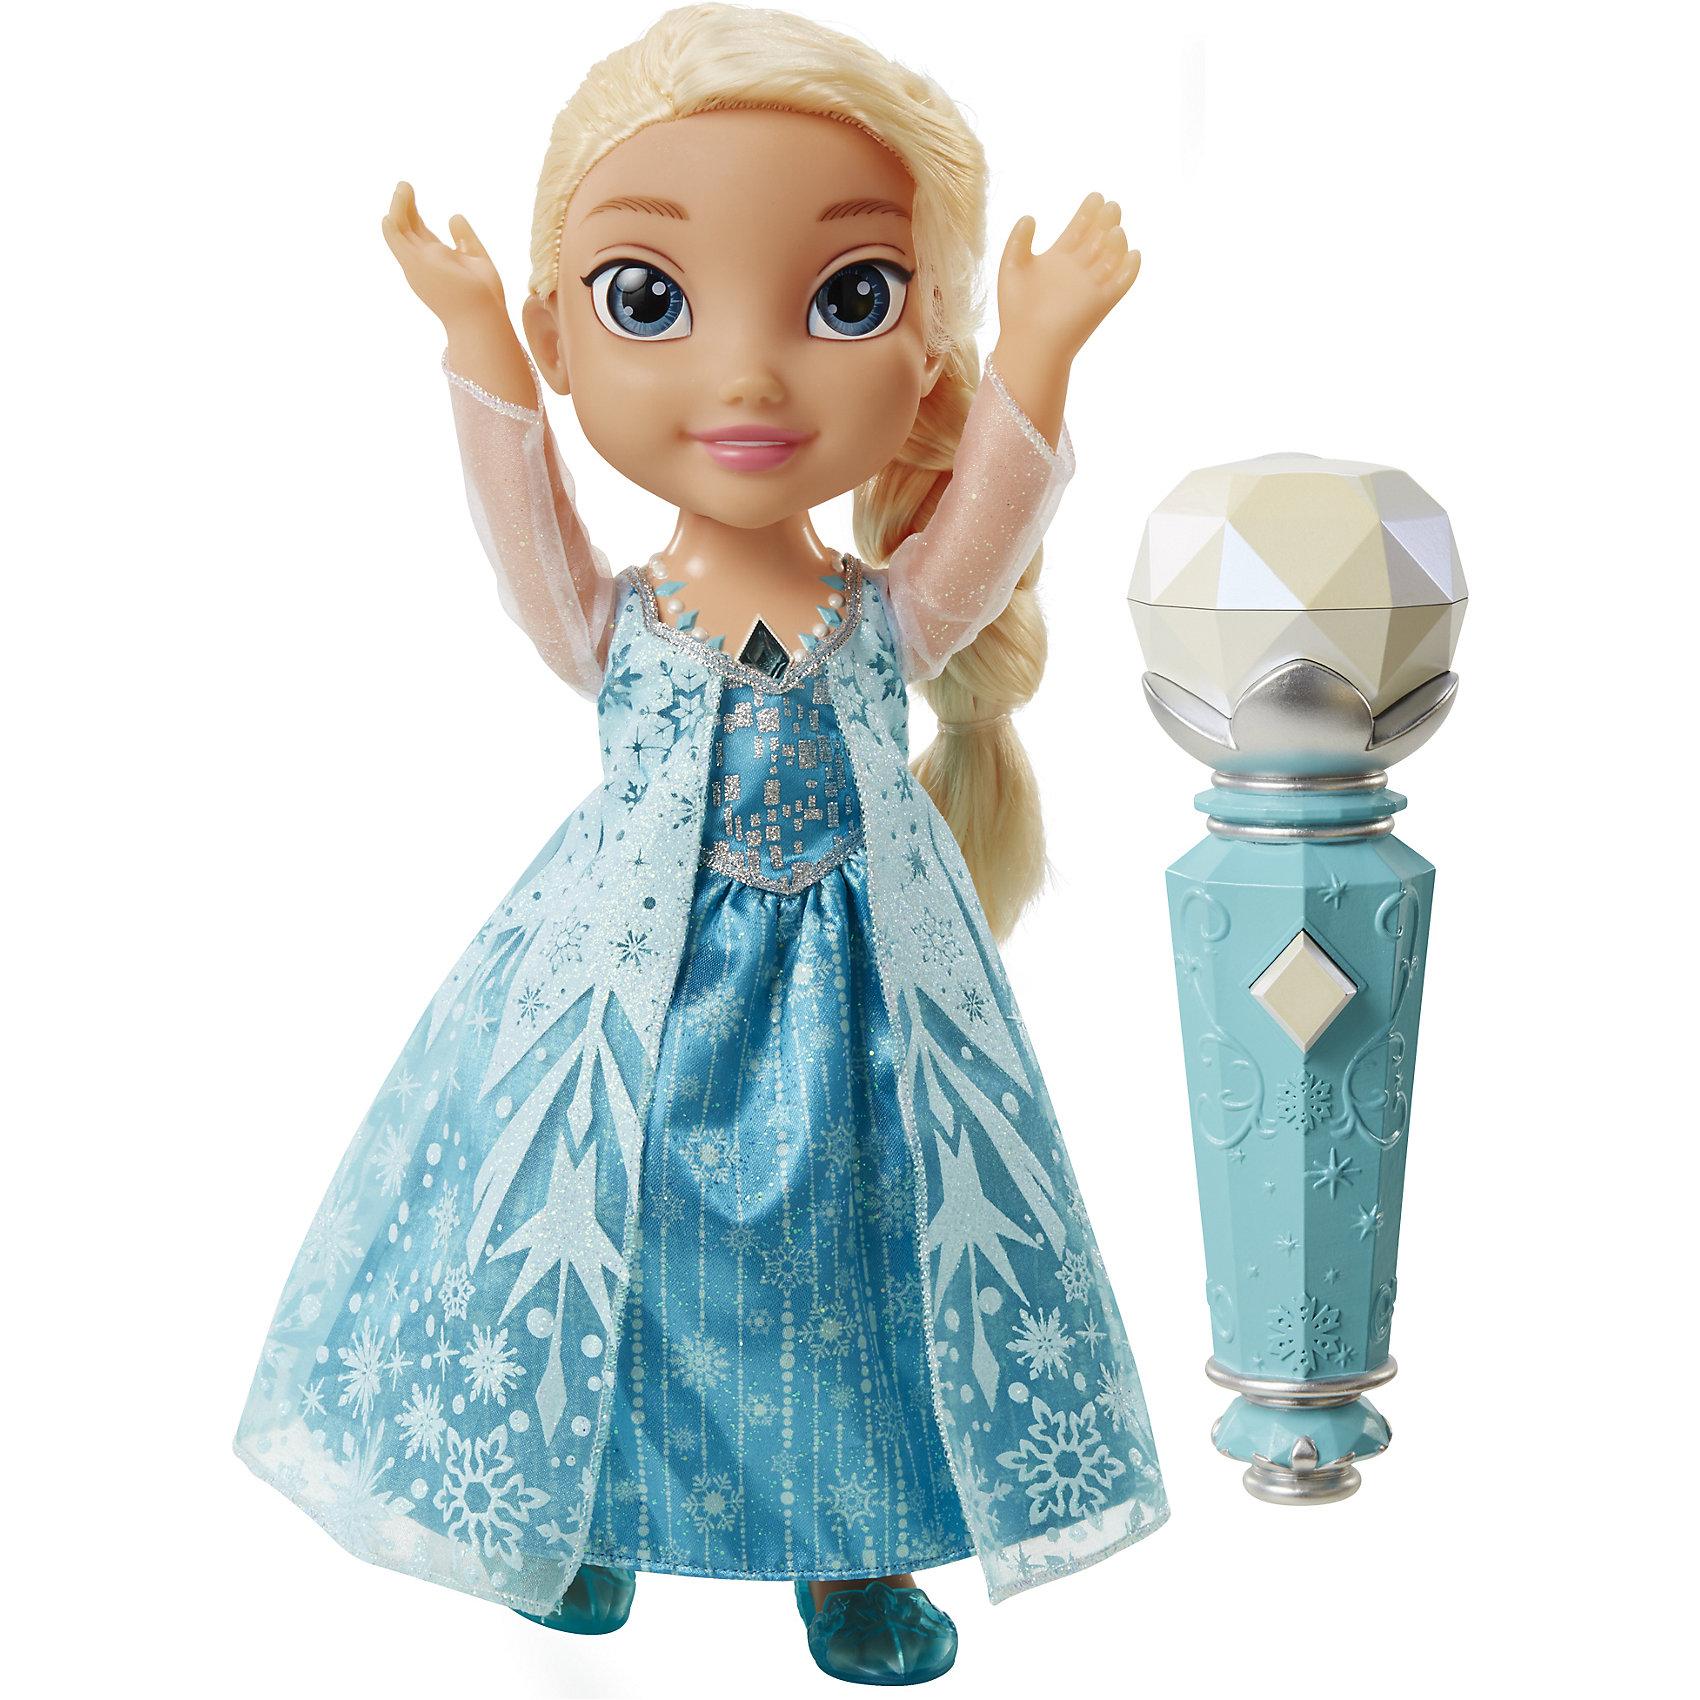 Кукла Эльза с микрофоном, Холодное СердцеИнтерактивная кукла Эльза сделана по образу мультипликационной героини Диснеевского фильма Холодное Сердце. Вместе с этой удивительной куклой можно исполнить главную песню мультфильма Frozen Отпусти и забудь на разных языках.<br><br>Чтобы активировать куклу необходимо дотронуться до волшебного изумрудного амулета на шее Эльзы и поднести вырубленный будто изо льда микрофон к её рту. С помощью этого входящего в комплект ледяного аксессуара можно петь песню вместе с Принцессой Диснея, попеременно поднося микрофон то к своим губам, то к кукольным. Эльза будет запоминать строчку, на которой остановились вы, и продолжать мелодию за вами.<br>Во время исполнения песни некоторые элементы одежды куклы будут мигать и переливаться, создавая по-настоящему сказочное настроение.<br><br>Блестящий костюм куколки в точности соответствует наряду в мультфильме: Эльза носит наряд излегкого текстильного платья голубого цвета, украшенное различными декоративными рисунками на зимнюю тему, которые придают наряду невероятный блеск. Светлые волосы, заплетенные в тугую косу украшает голубая тиара, а на ножках Принцессы Диснея надеты аккуратные балетки.<br><br>Дополнительная информация:<br><br>- Серия: Принцессы Диснея<br>- Материалы: пластик, текстиль<br>- Высота куклы: 30 см<br>- В комплект входит кукла, туфельки, платье, микрофон и подробная инструкция на несколько языках<br>- Игровой набор работает на батарейках. Для Эльзы необходимы 3 х AAA/LR03 1.5V (демонстрационные входят в комплект), для микрофона - 2 х AAA/LR03 1.5V (не входят в комплект).<br><br>Куклу Эльзу, поющую с микрофоном,  Холодное Сердце, Принцессы Дисней можно купить в нашем магазине.<br><br>Ширина мм: 120<br>Глубина мм: 380<br>Высота мм: 310<br>Вес г: 1180<br>Возраст от месяцев: 36<br>Возраст до месяцев: 144<br>Пол: Унисекс<br>Возраст: Детский<br>SKU: 4196417